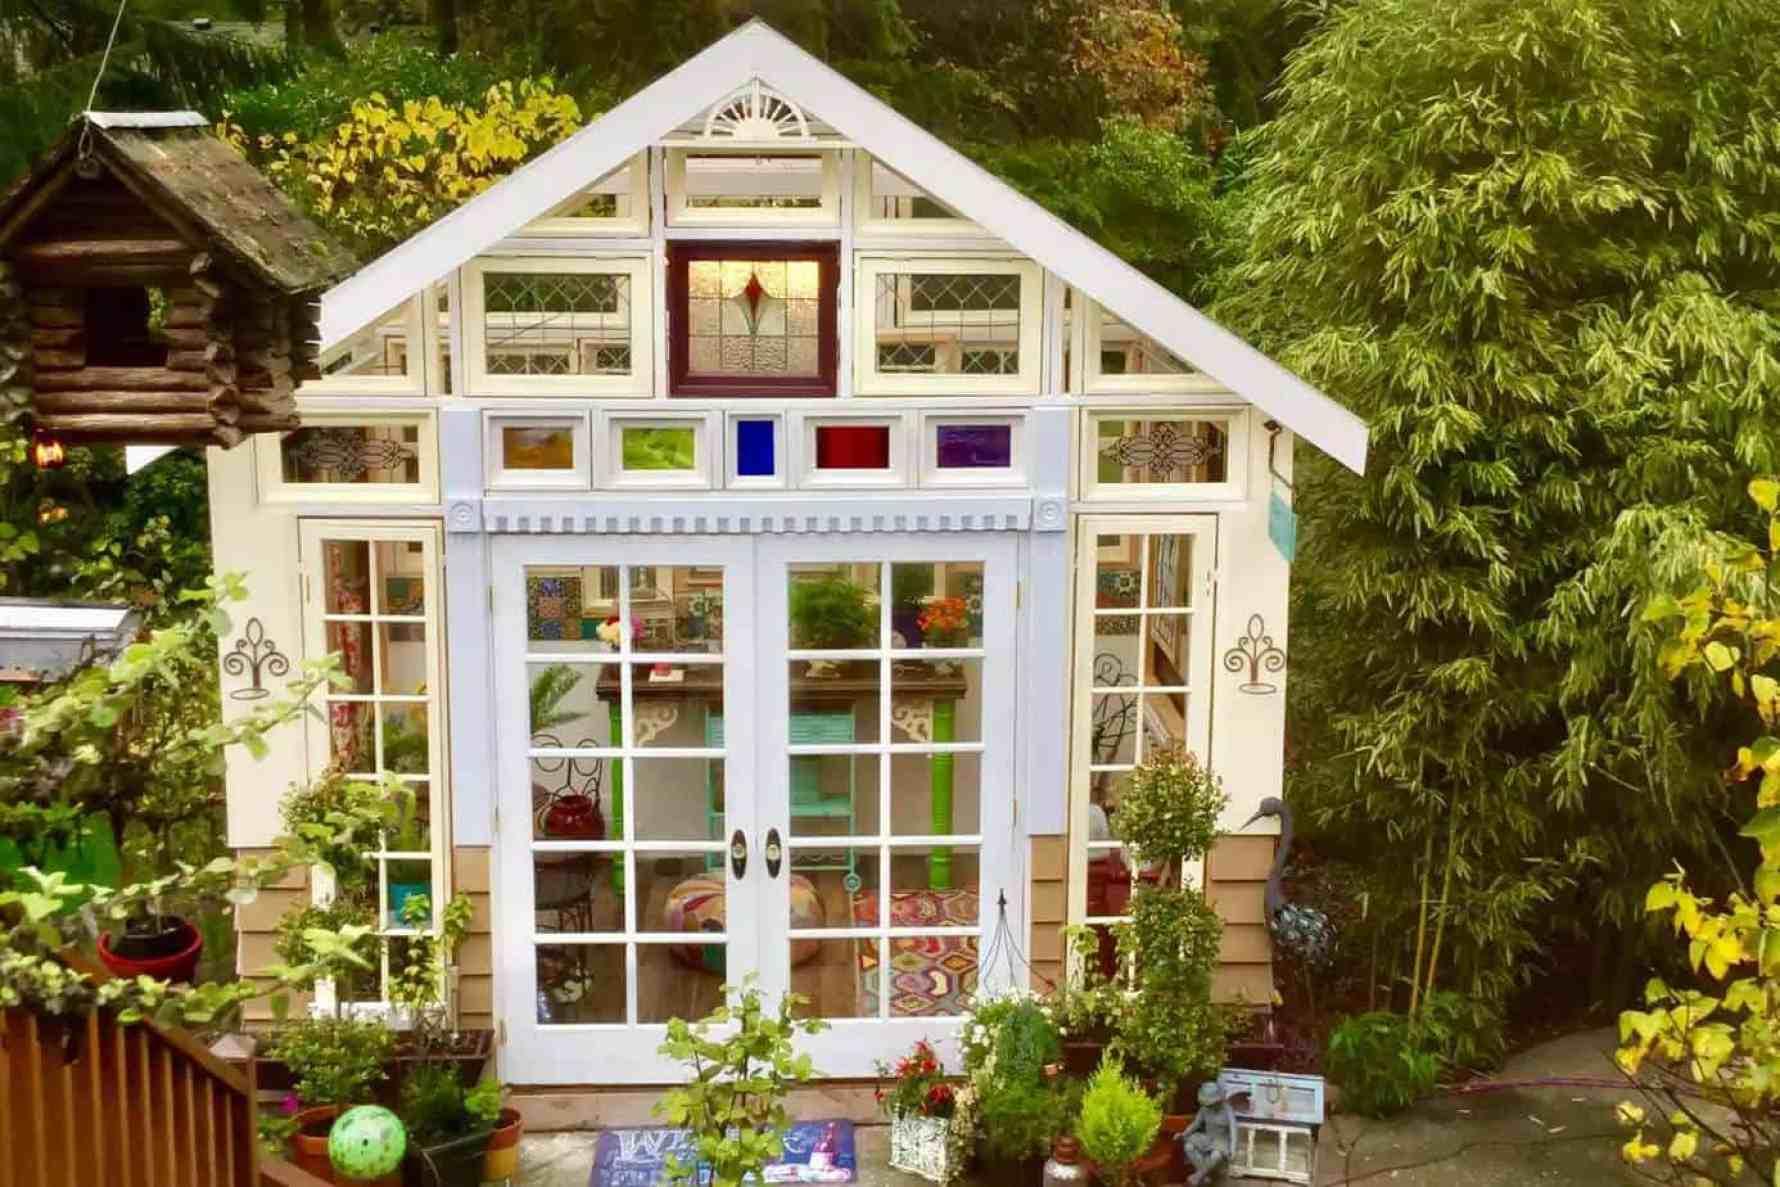 Estes dez aconchegantes 'ela derrama' o convencerão a construir um em seu quintal, veja as fotos 3